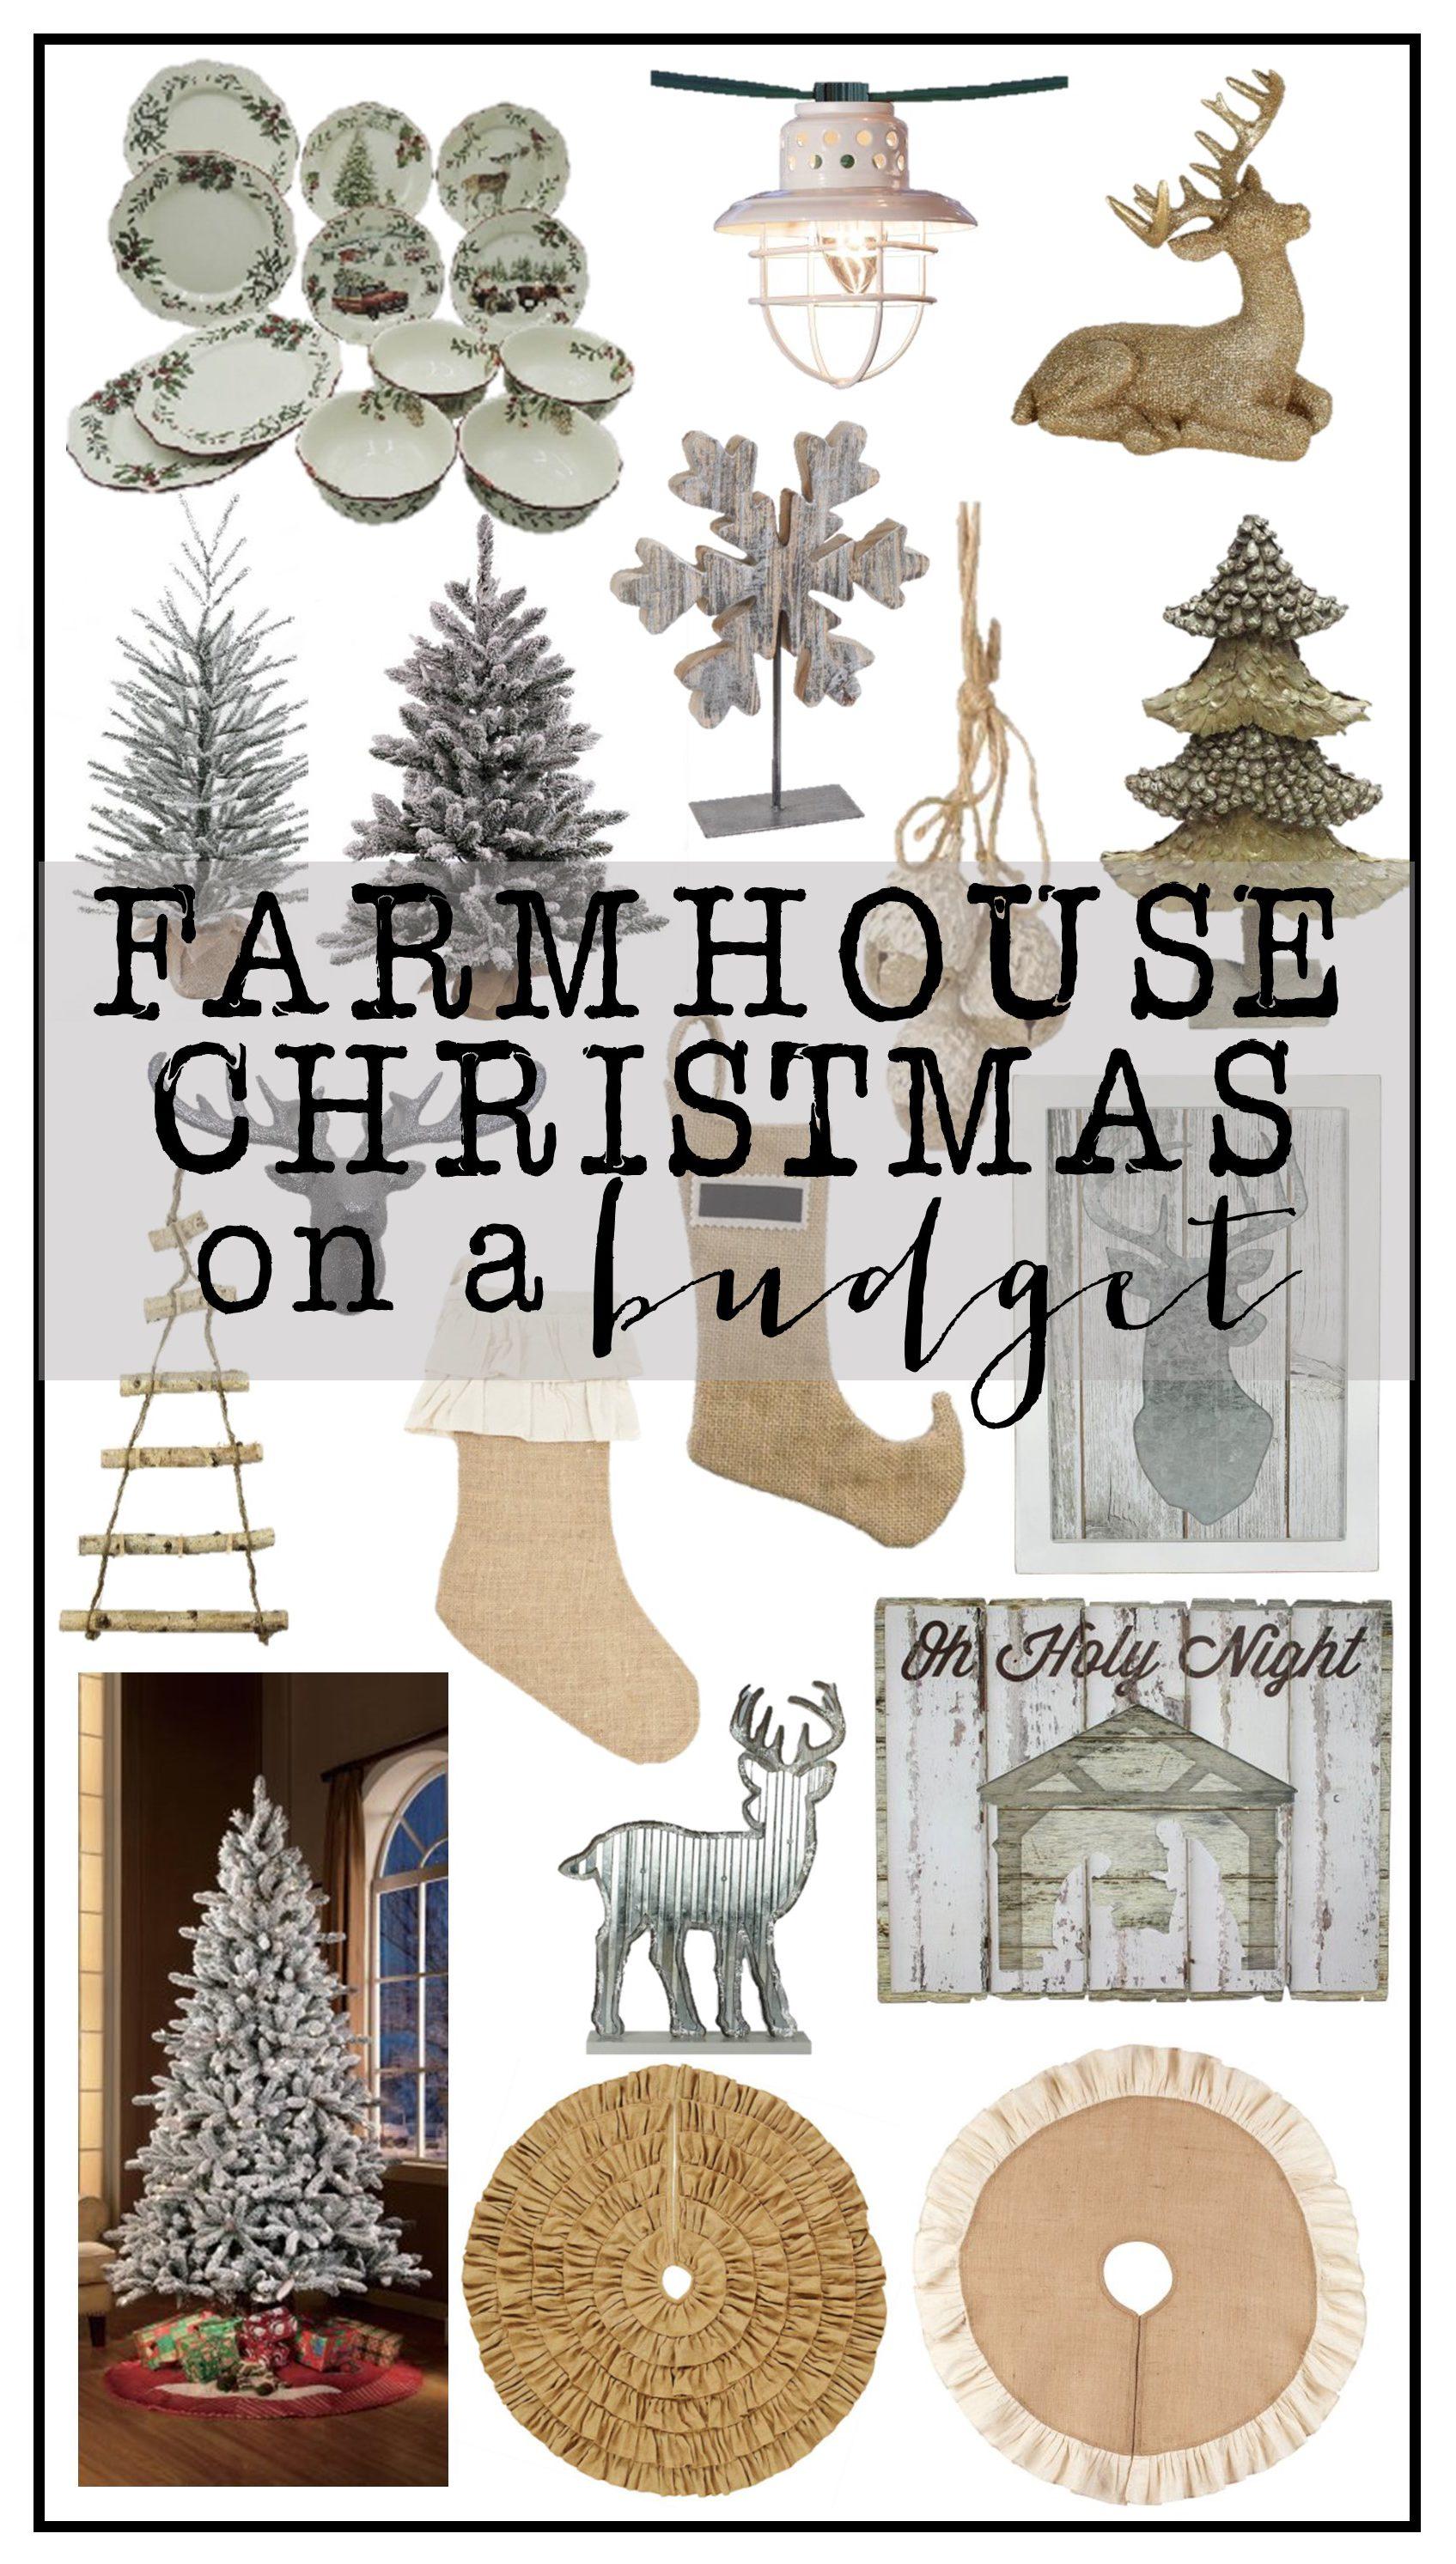 farmhouse-christmas-on-a-budget